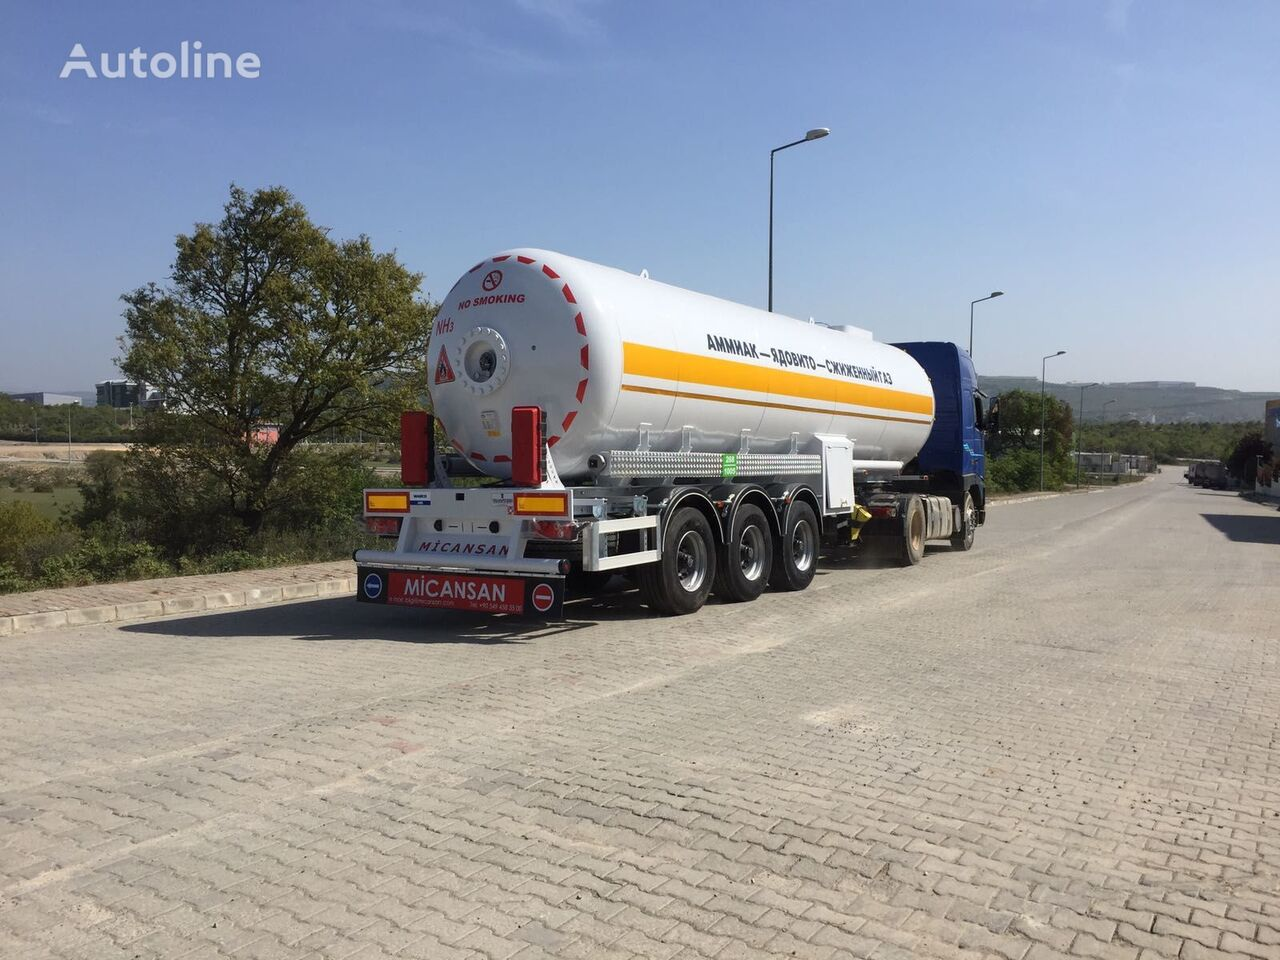 naujas dujų cisterna Micansan LPG GAS TANKS STORAGES AND LPG GAS TRANSPORT TANK SEMI TRAILERS